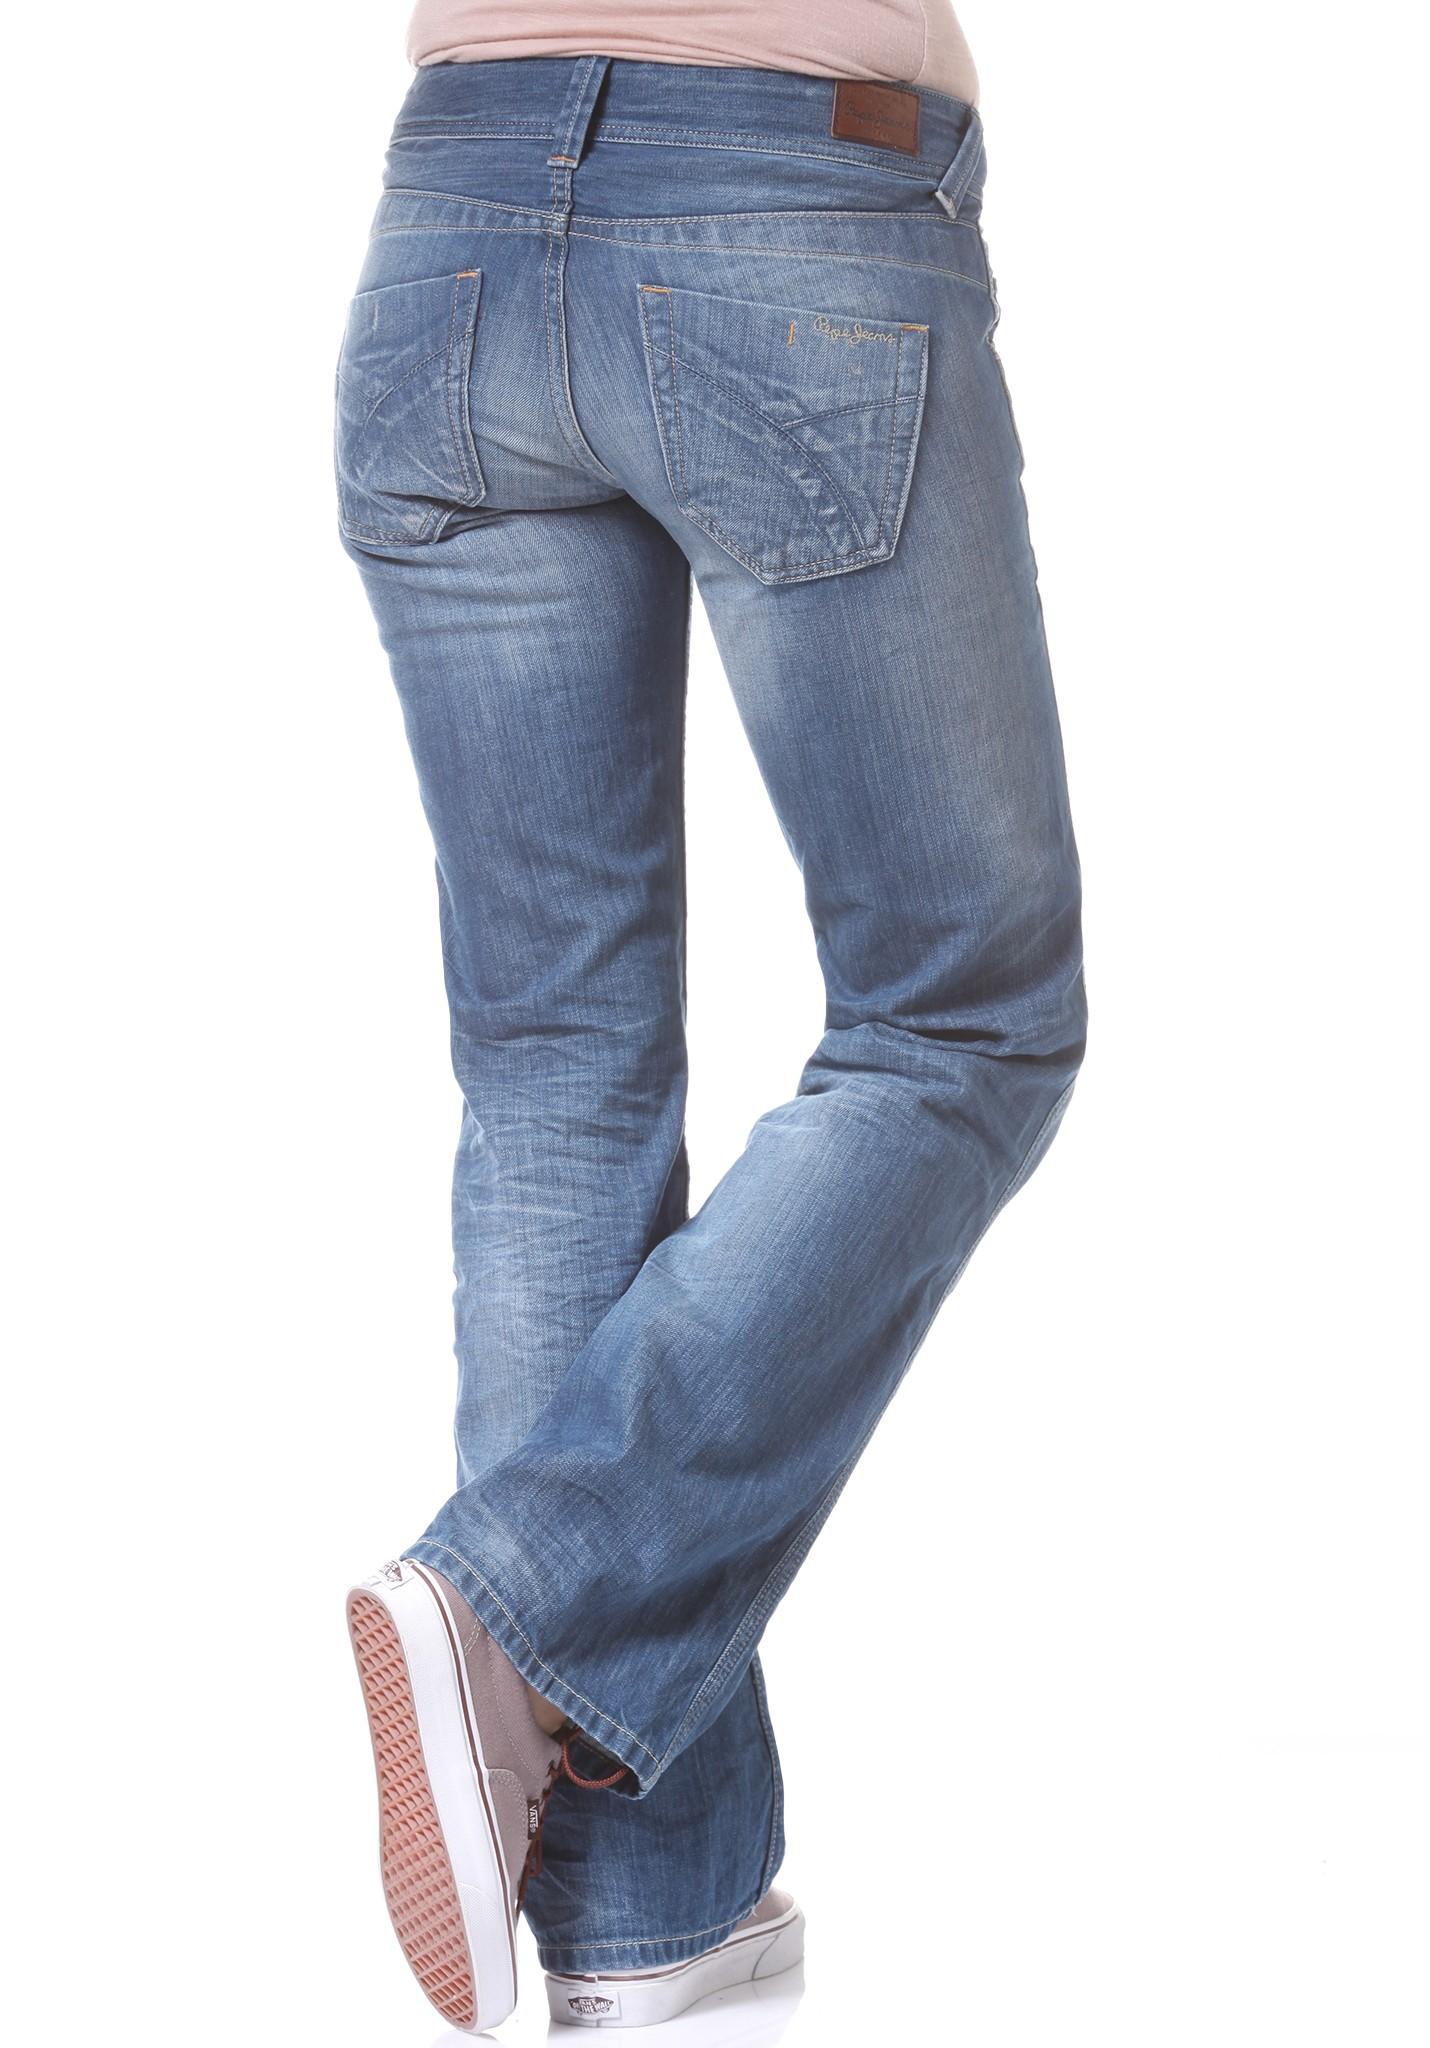 stilvolle weisse jeans hose damen vedemii. Black Bedroom Furniture Sets. Home Design Ideas